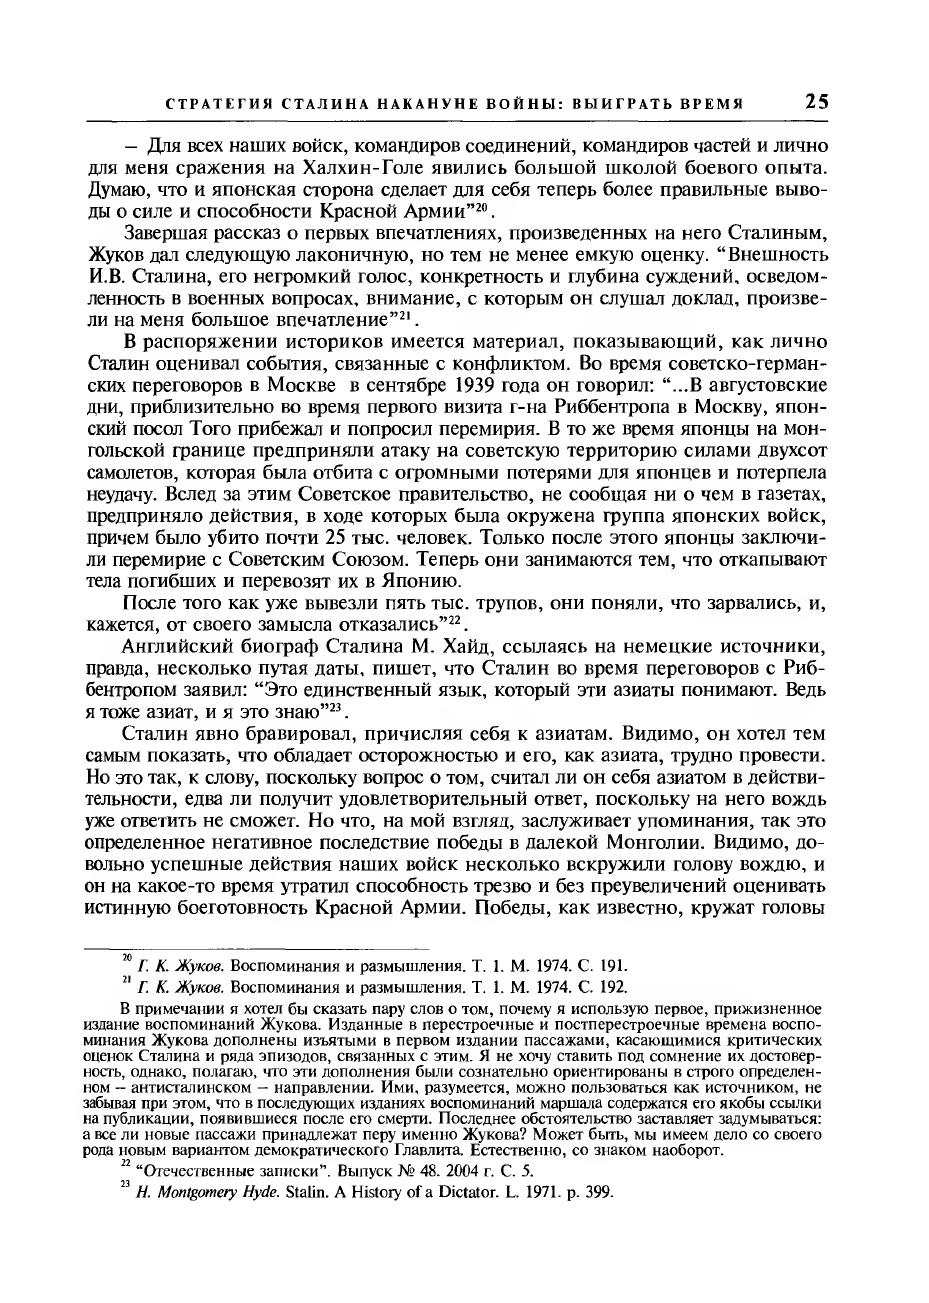 http://images.vfl.ru/ii/1406824150/5d76d095/5860234.jpg